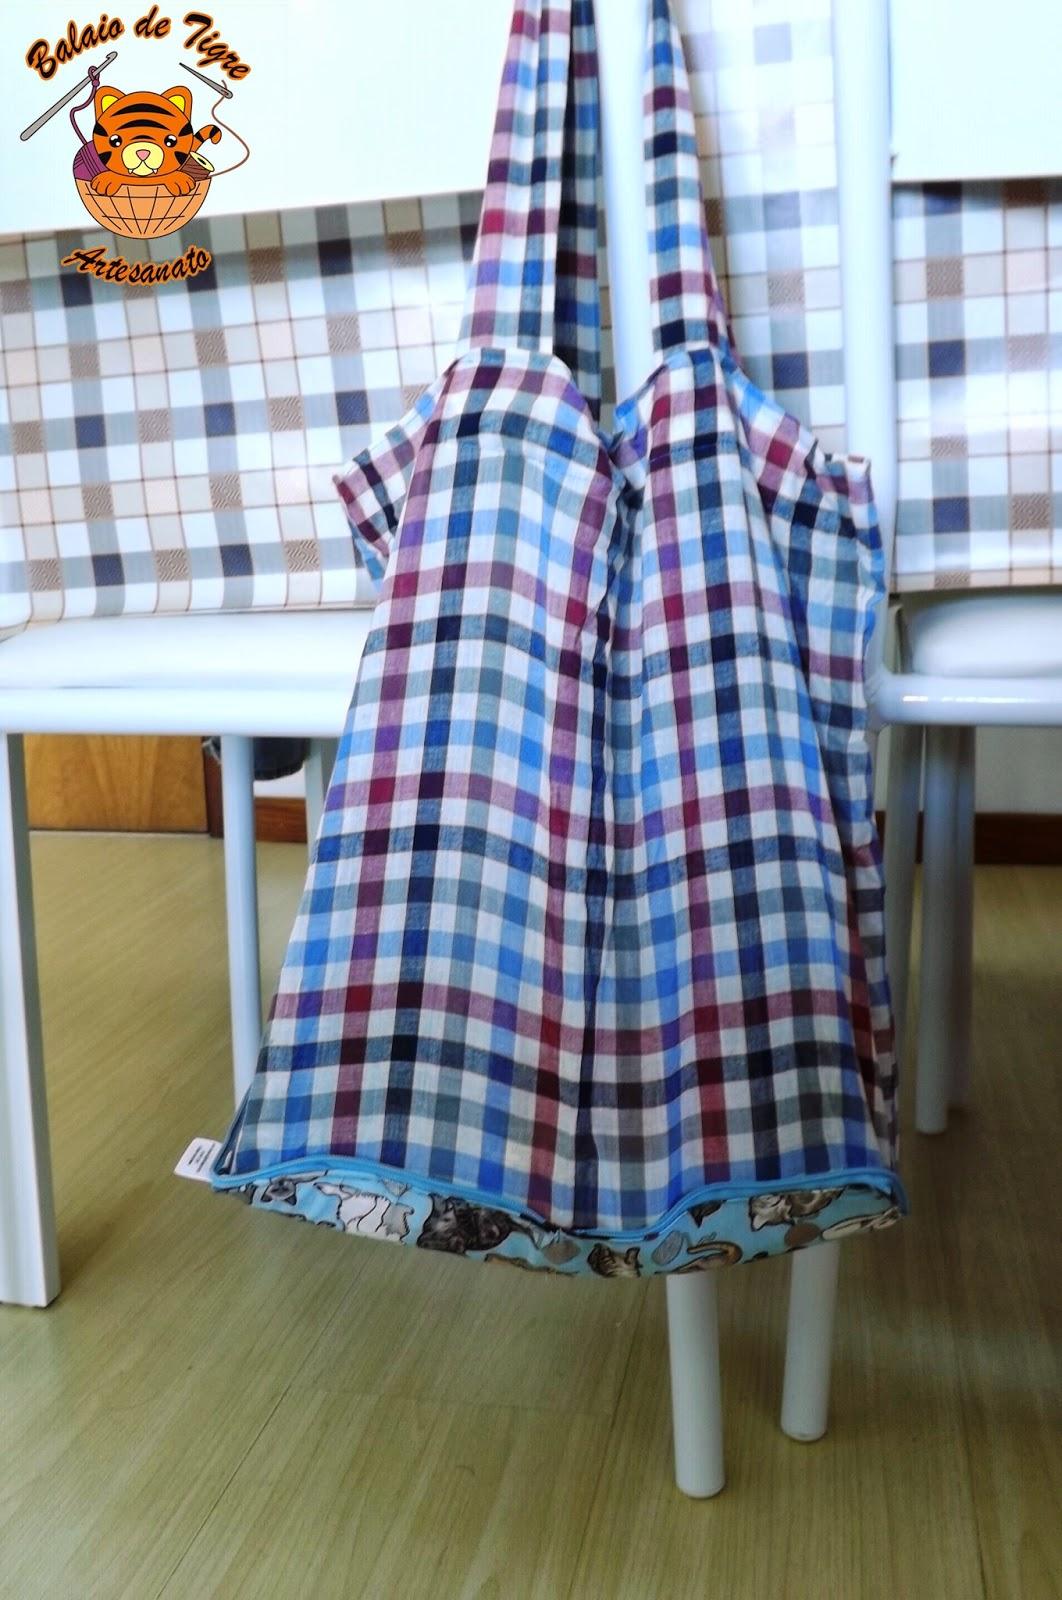 carteirola ecobag sacola reciclada balaio de tigre